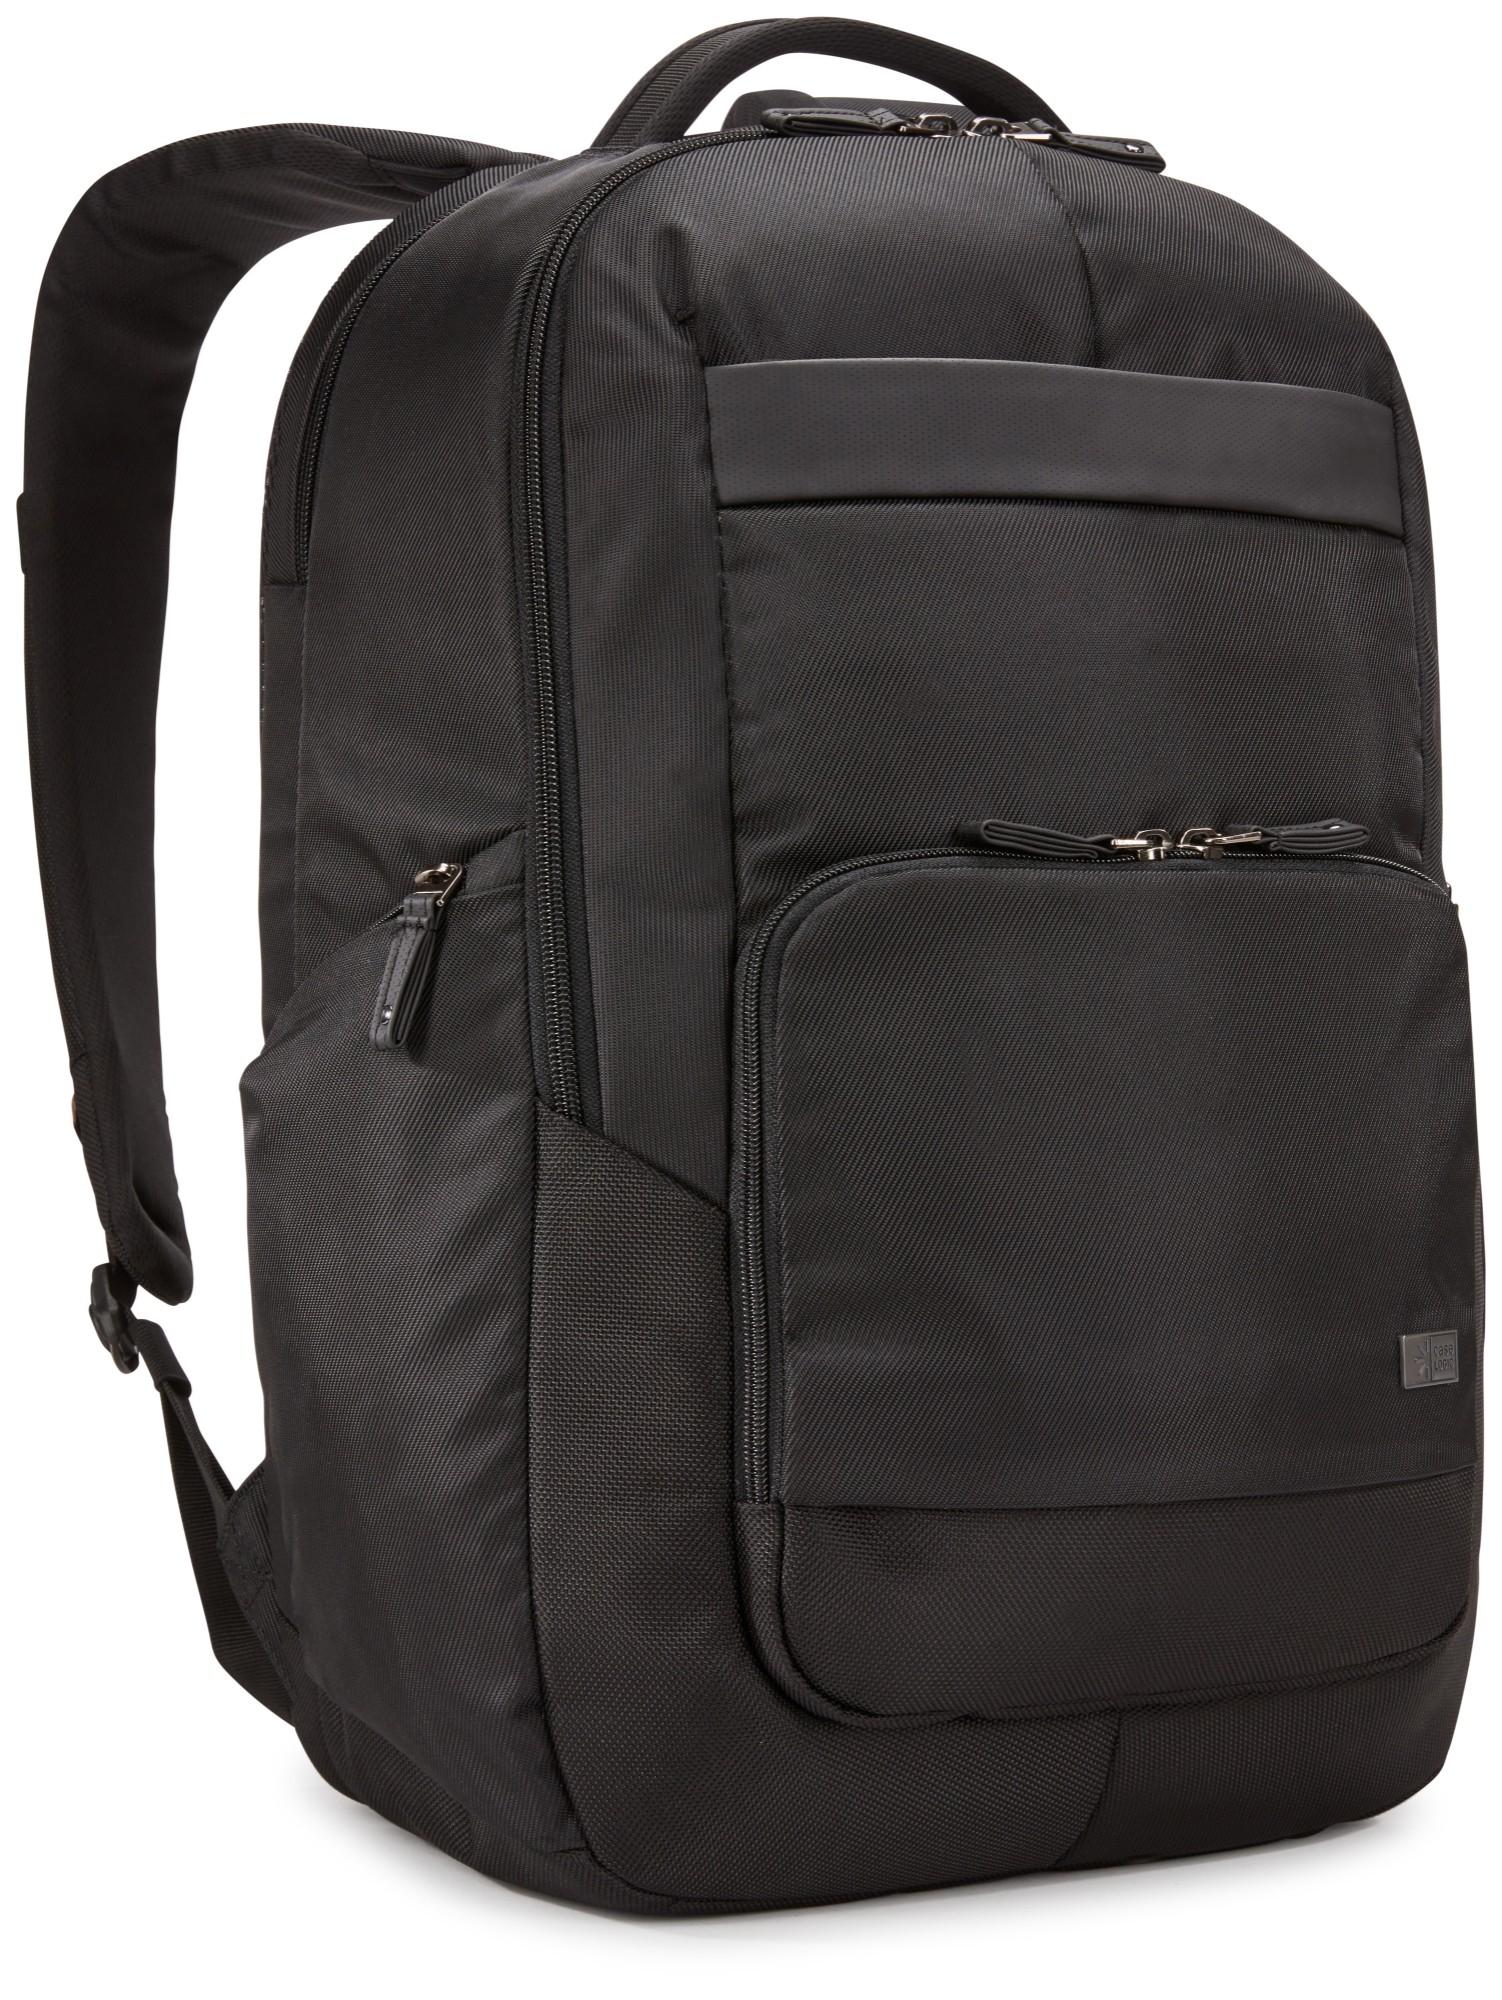 Case Logic Notion NOTIBP-116 Black rugzak Nylon Zwart